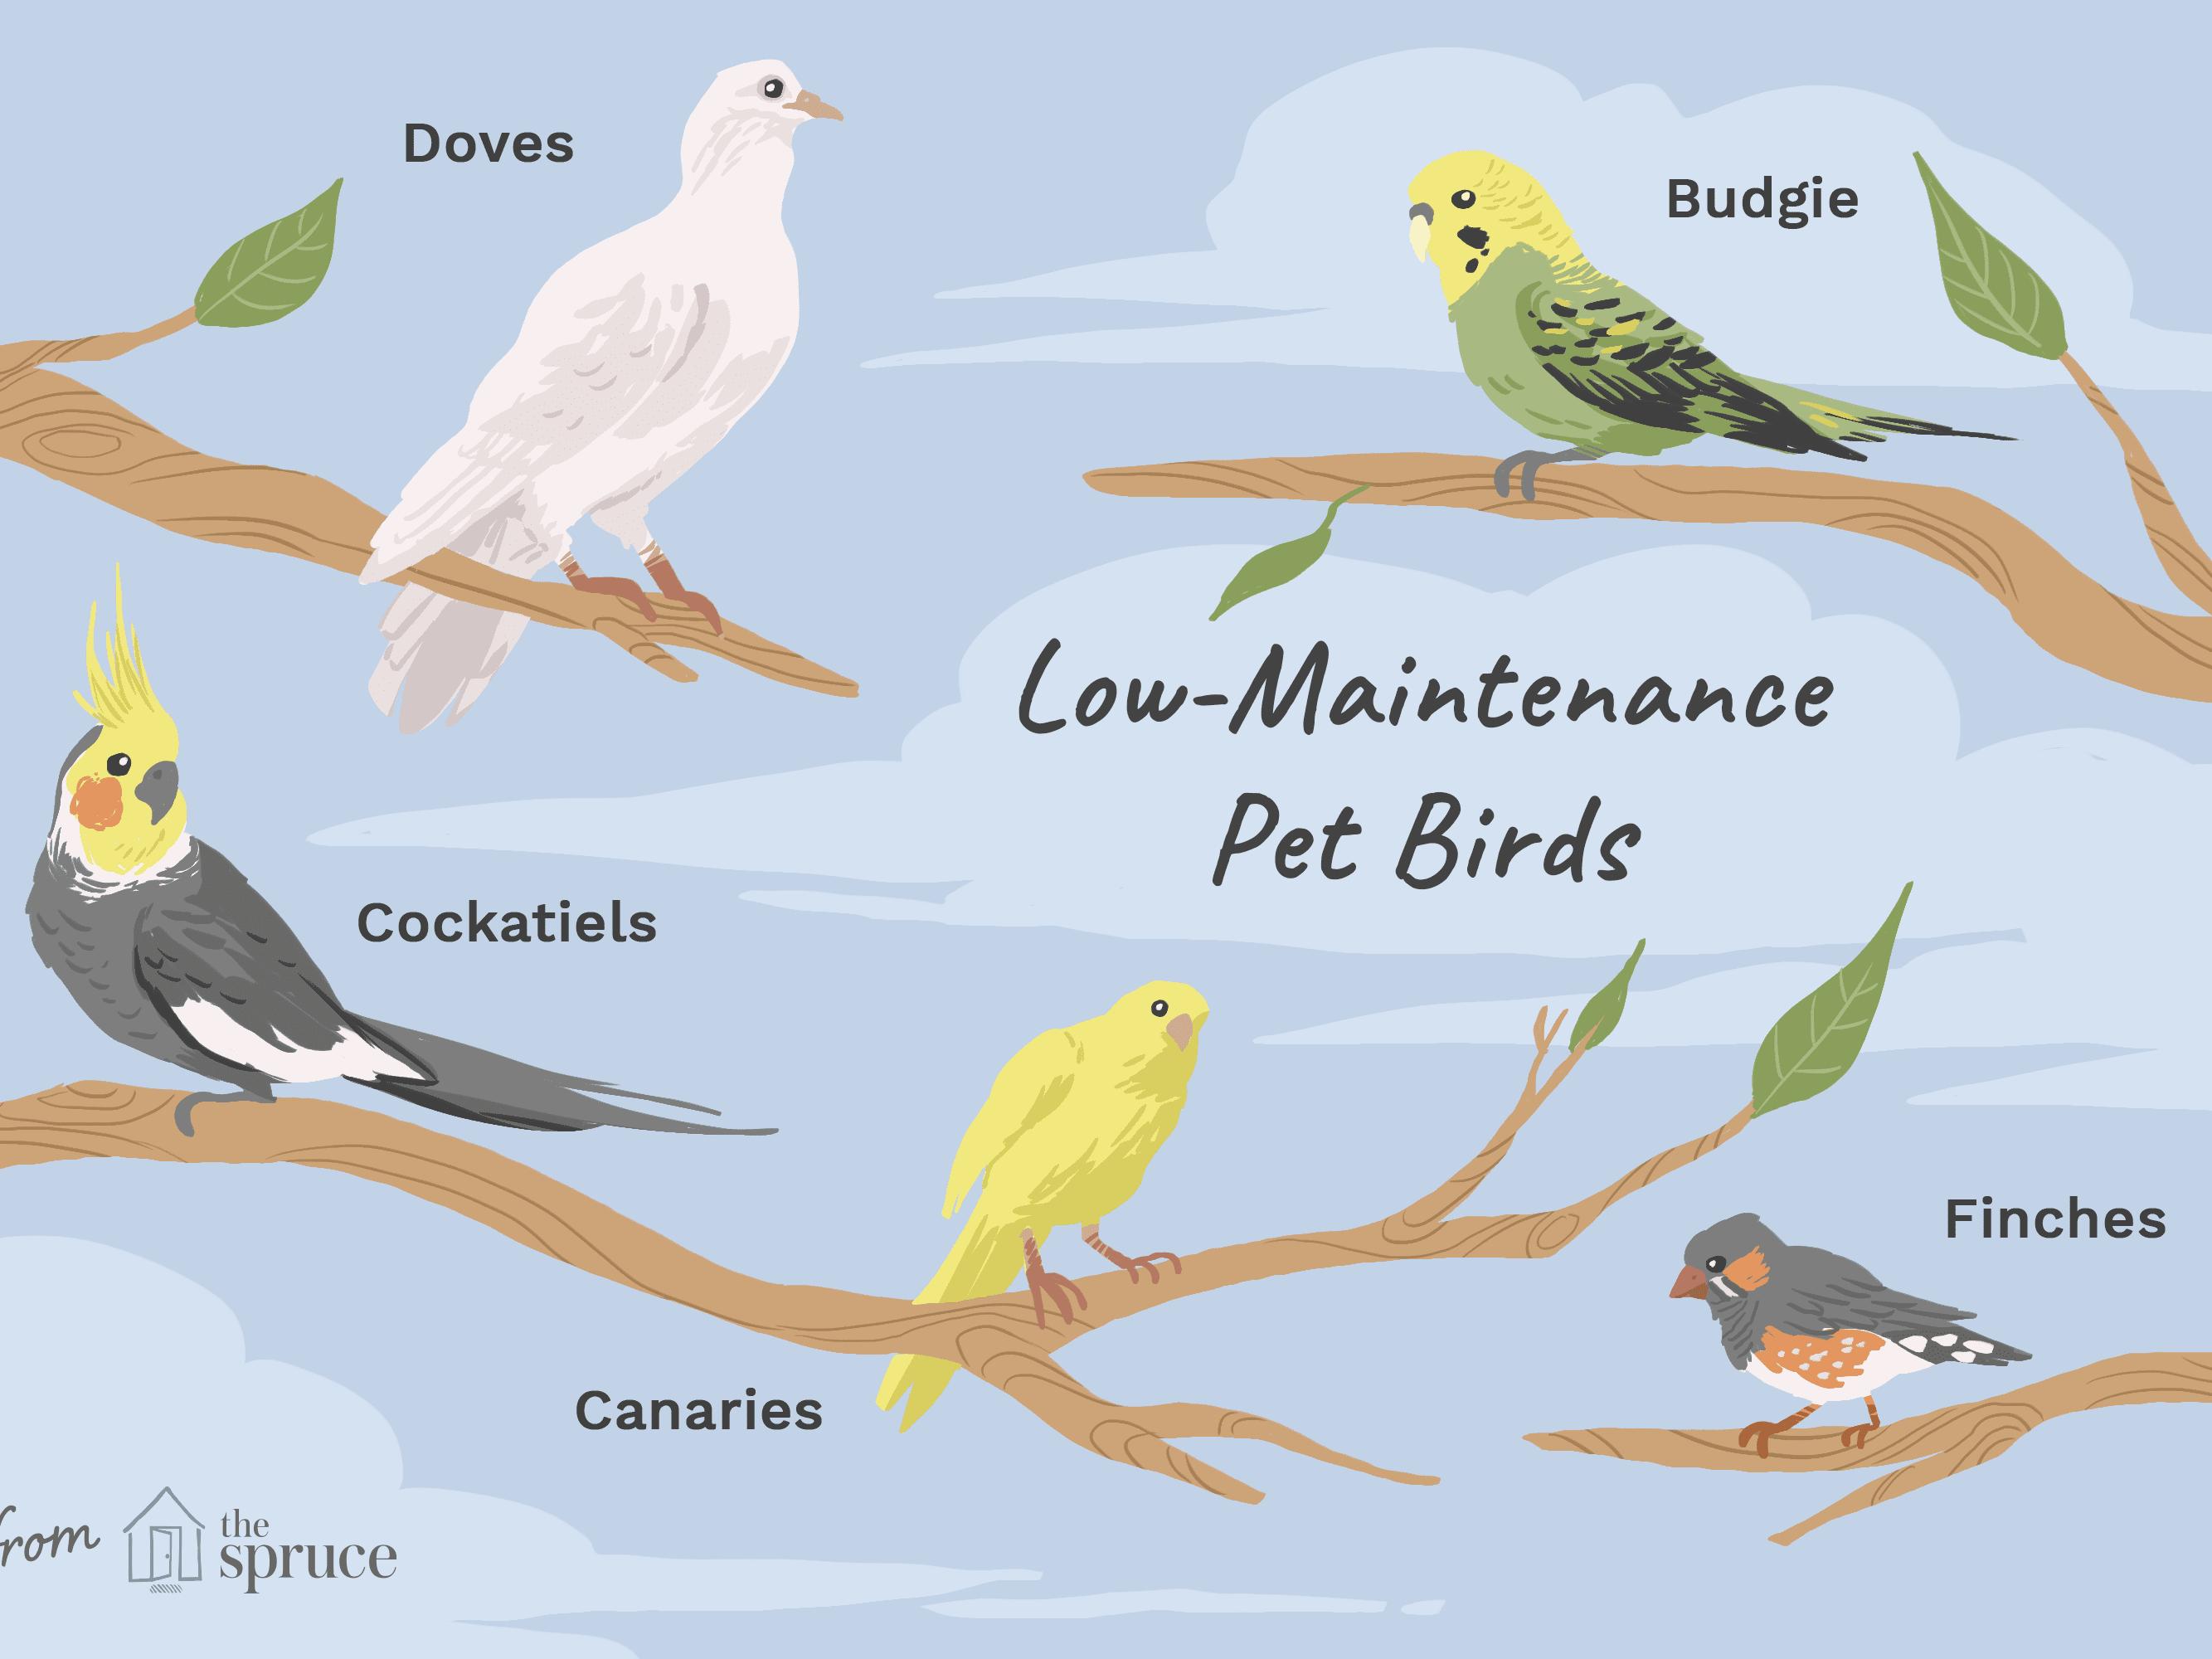 8 Top Low Maintenance Pet Bird Species